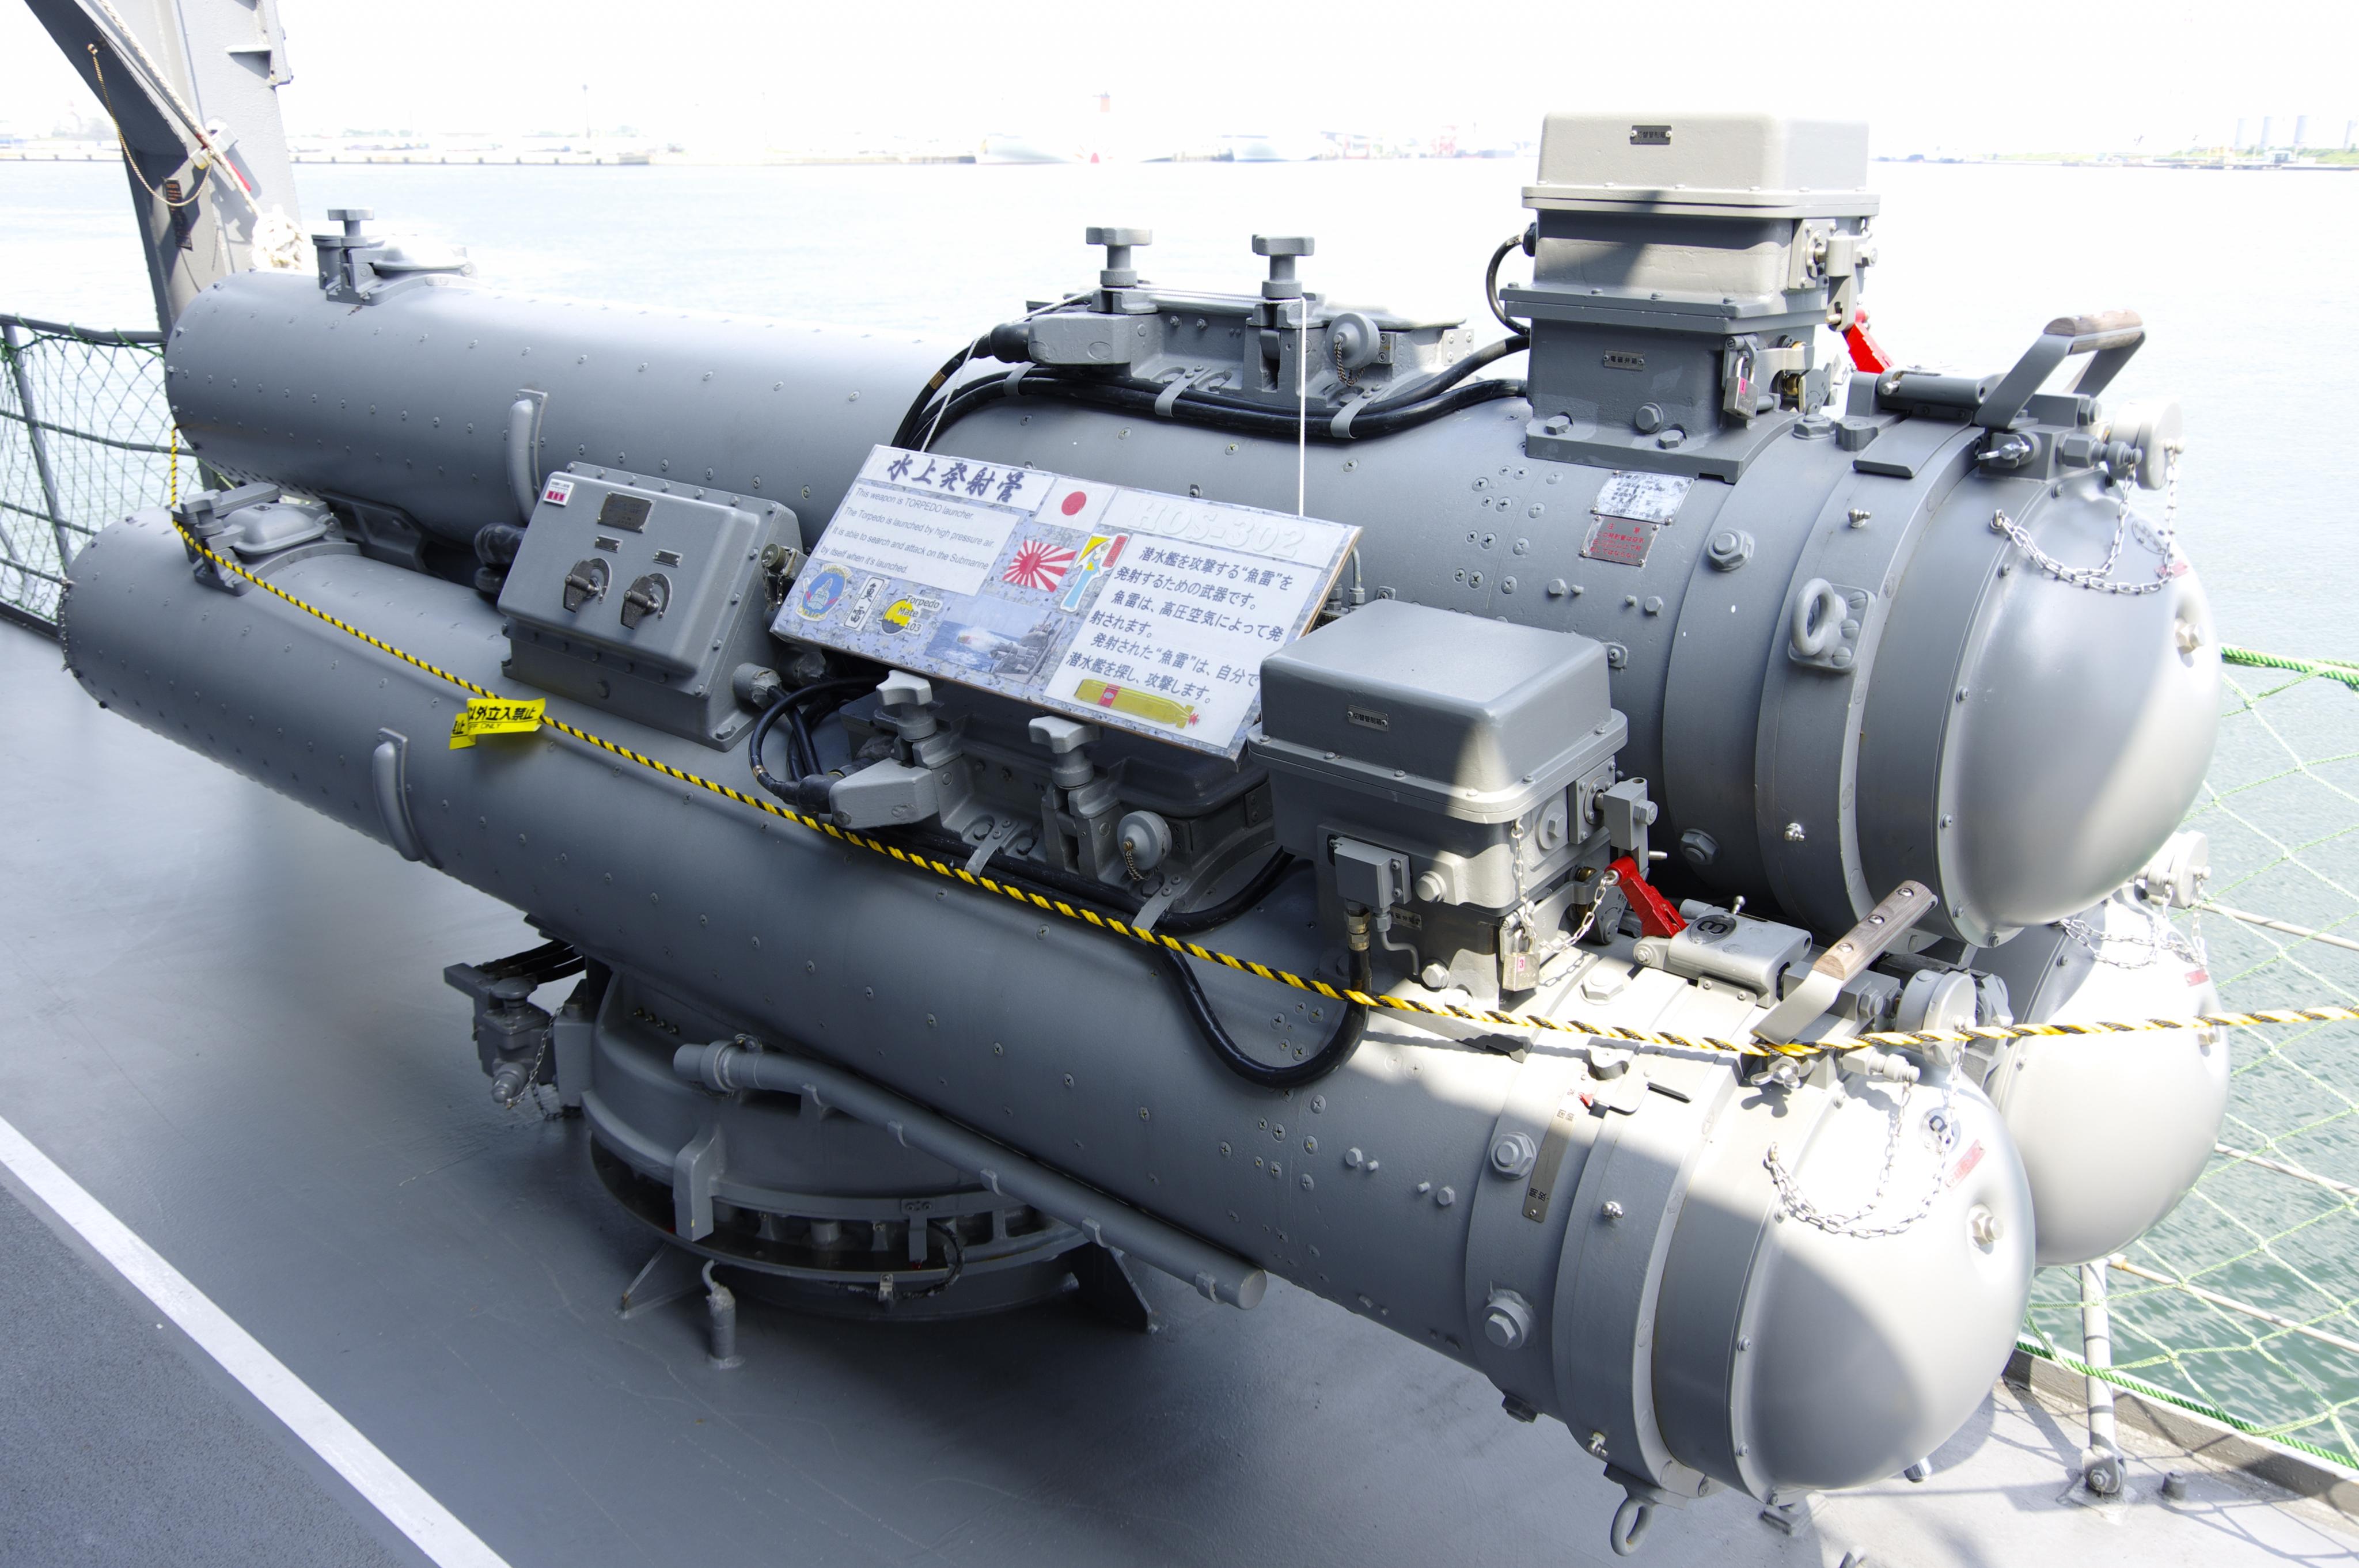 護衛艦 ゆうだち 3連装魚雷発射管_190803.jpg